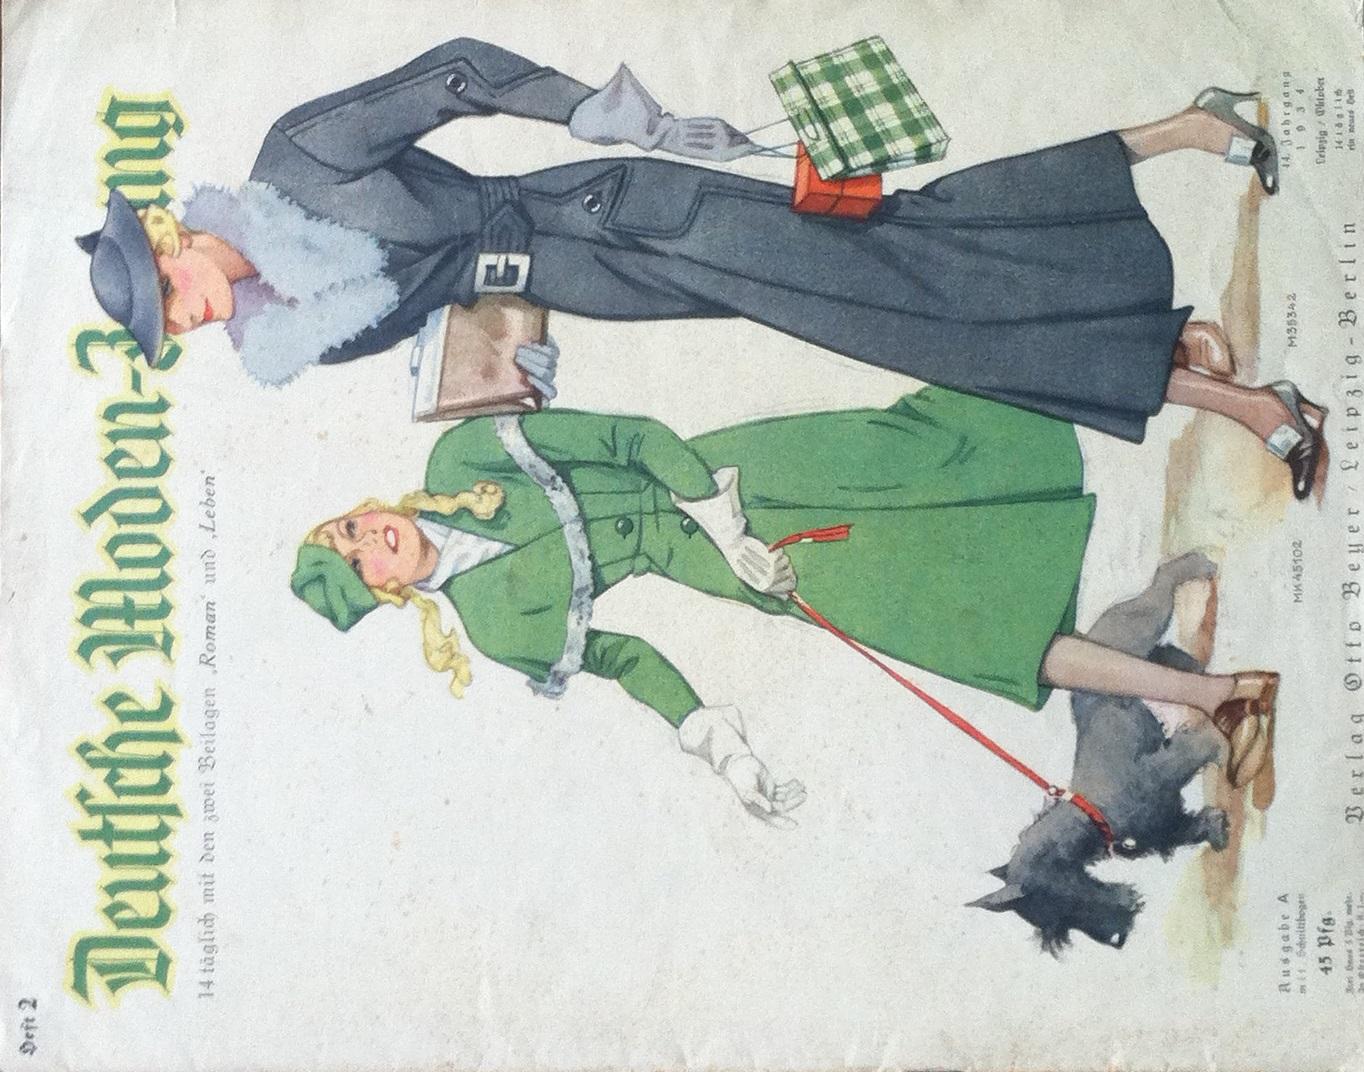 Deutsche Moden-Zeitung No. 2 Vol. 44 1934